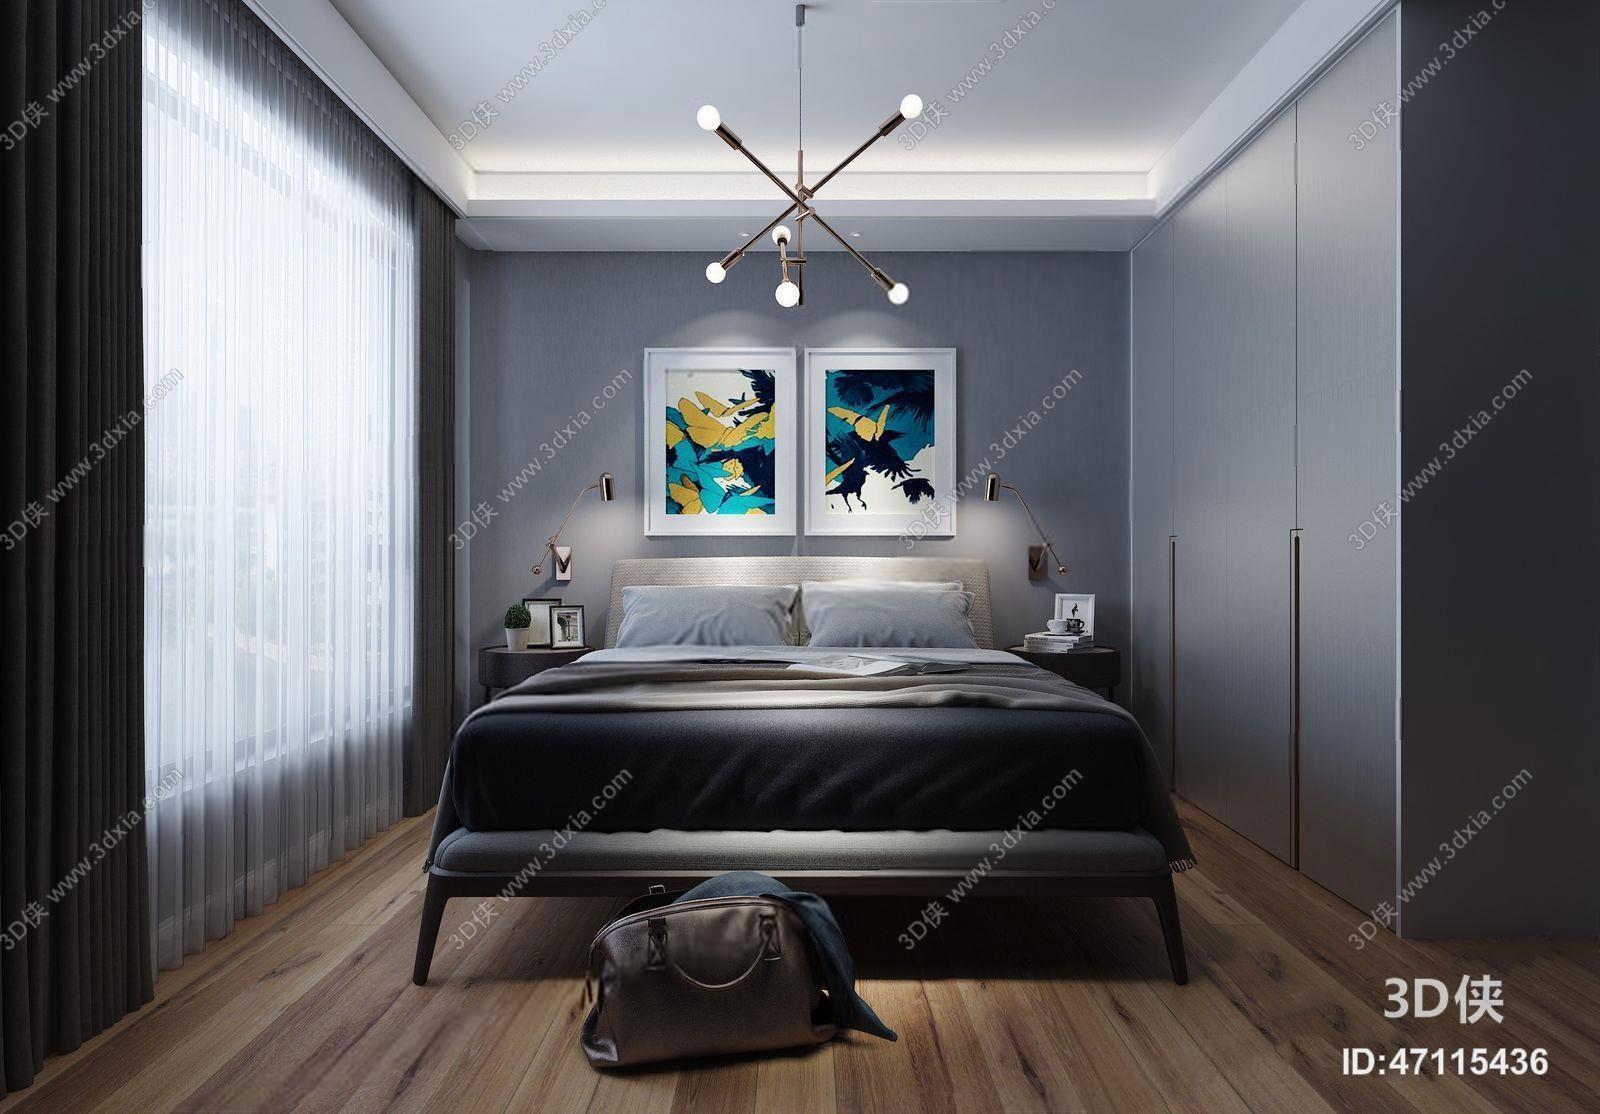 效果图素材免费下载,本作品主题是北欧卧室,编号是47115436,格式是max